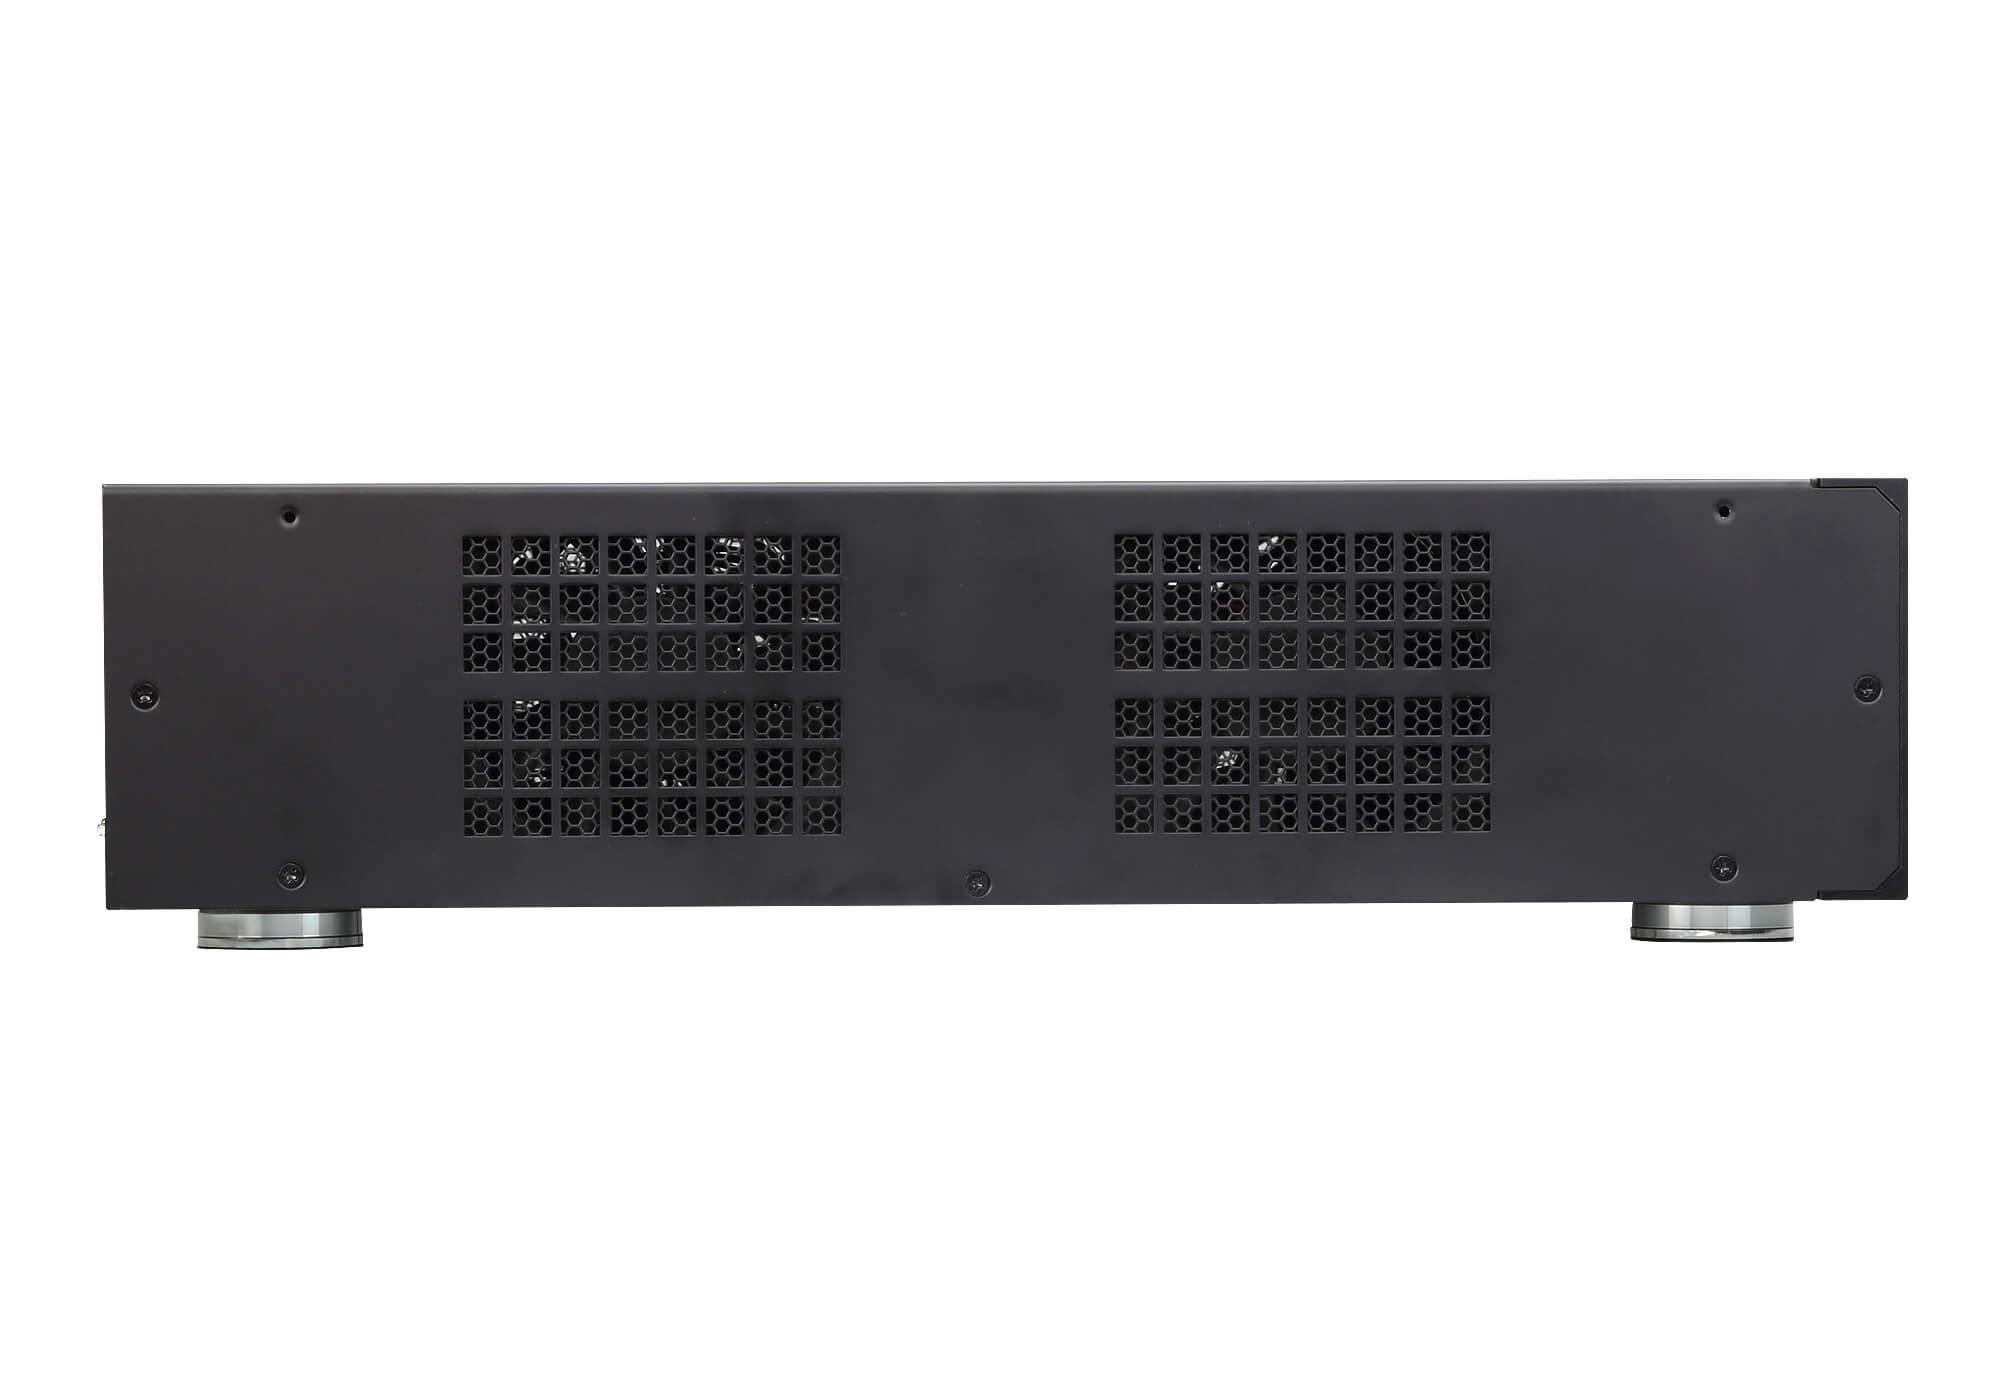 16入力16出力HDMIマトリックススイッチャー(ビデオウォール対応)-5